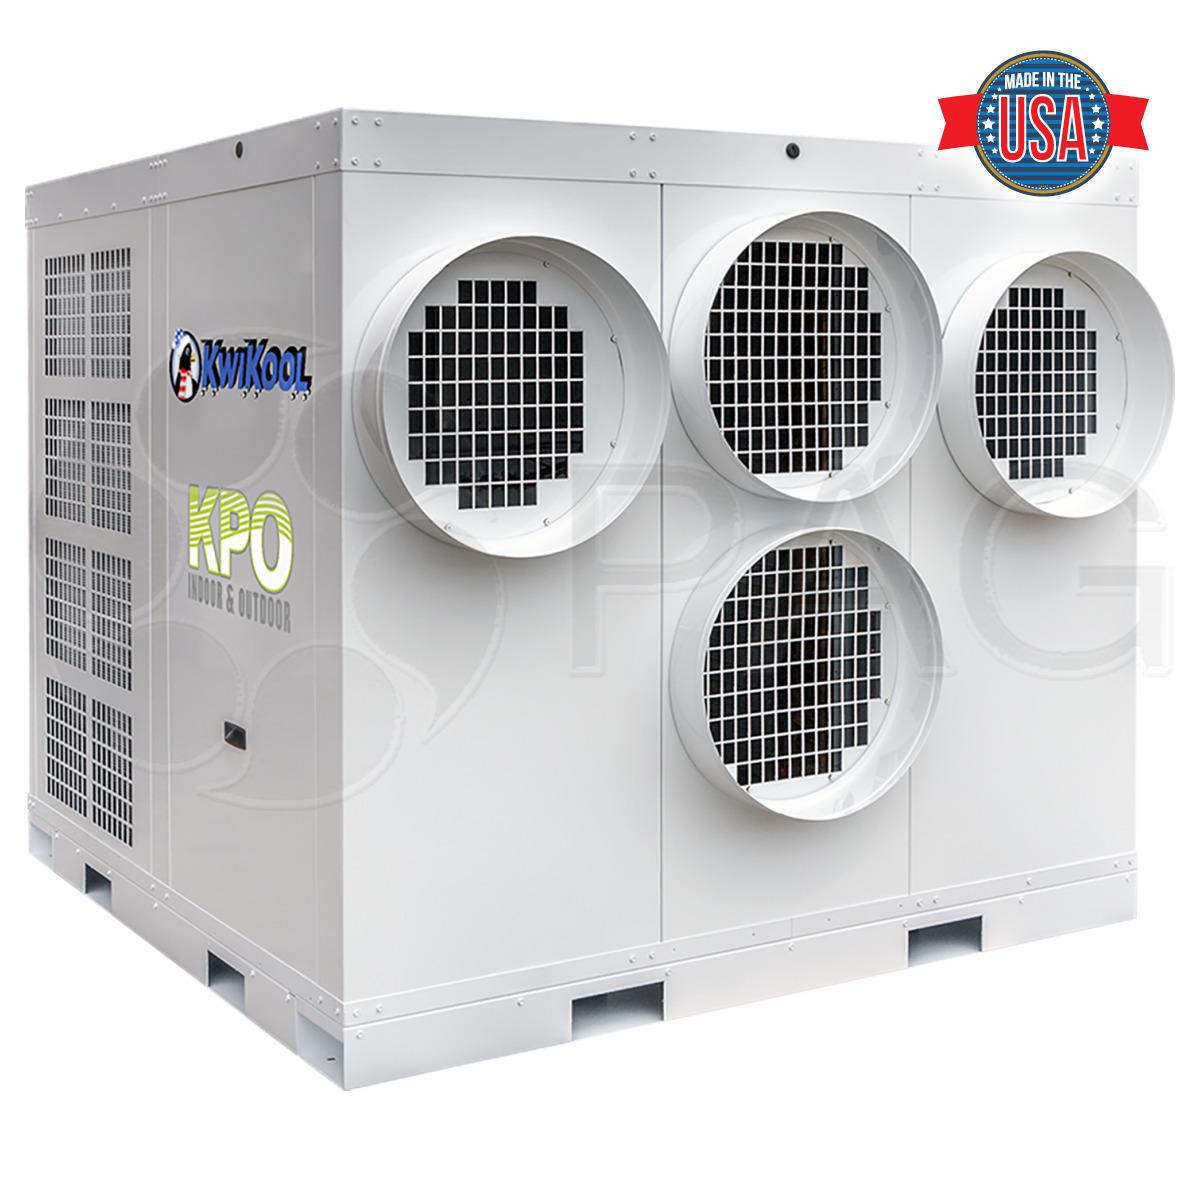 KwiKool KPO25-12 indoor/outdoor portable air conditioner